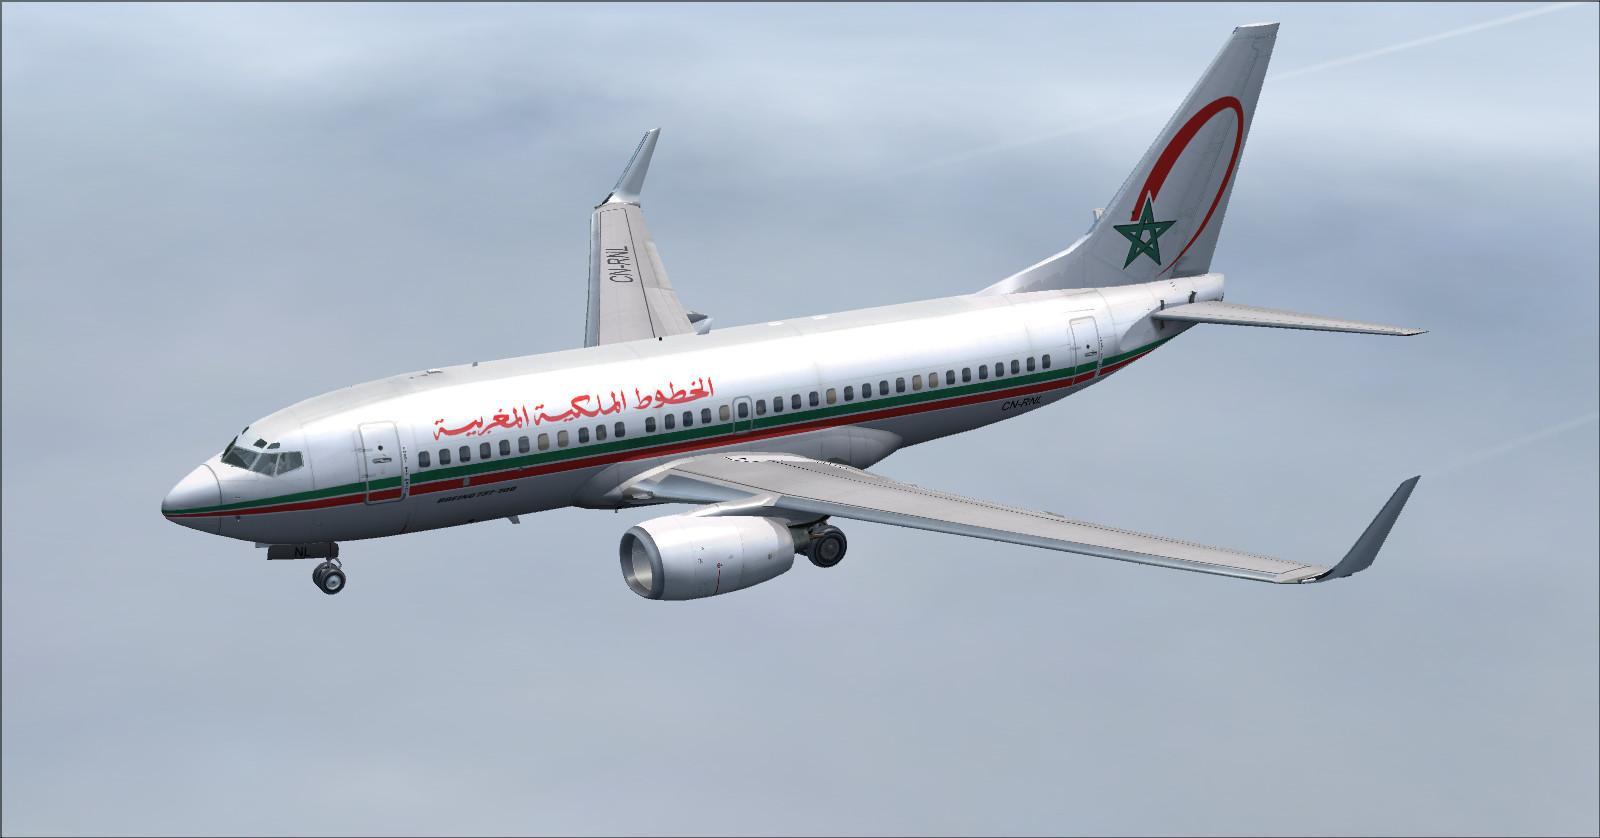 બોઇંગ 737-700 રેમ